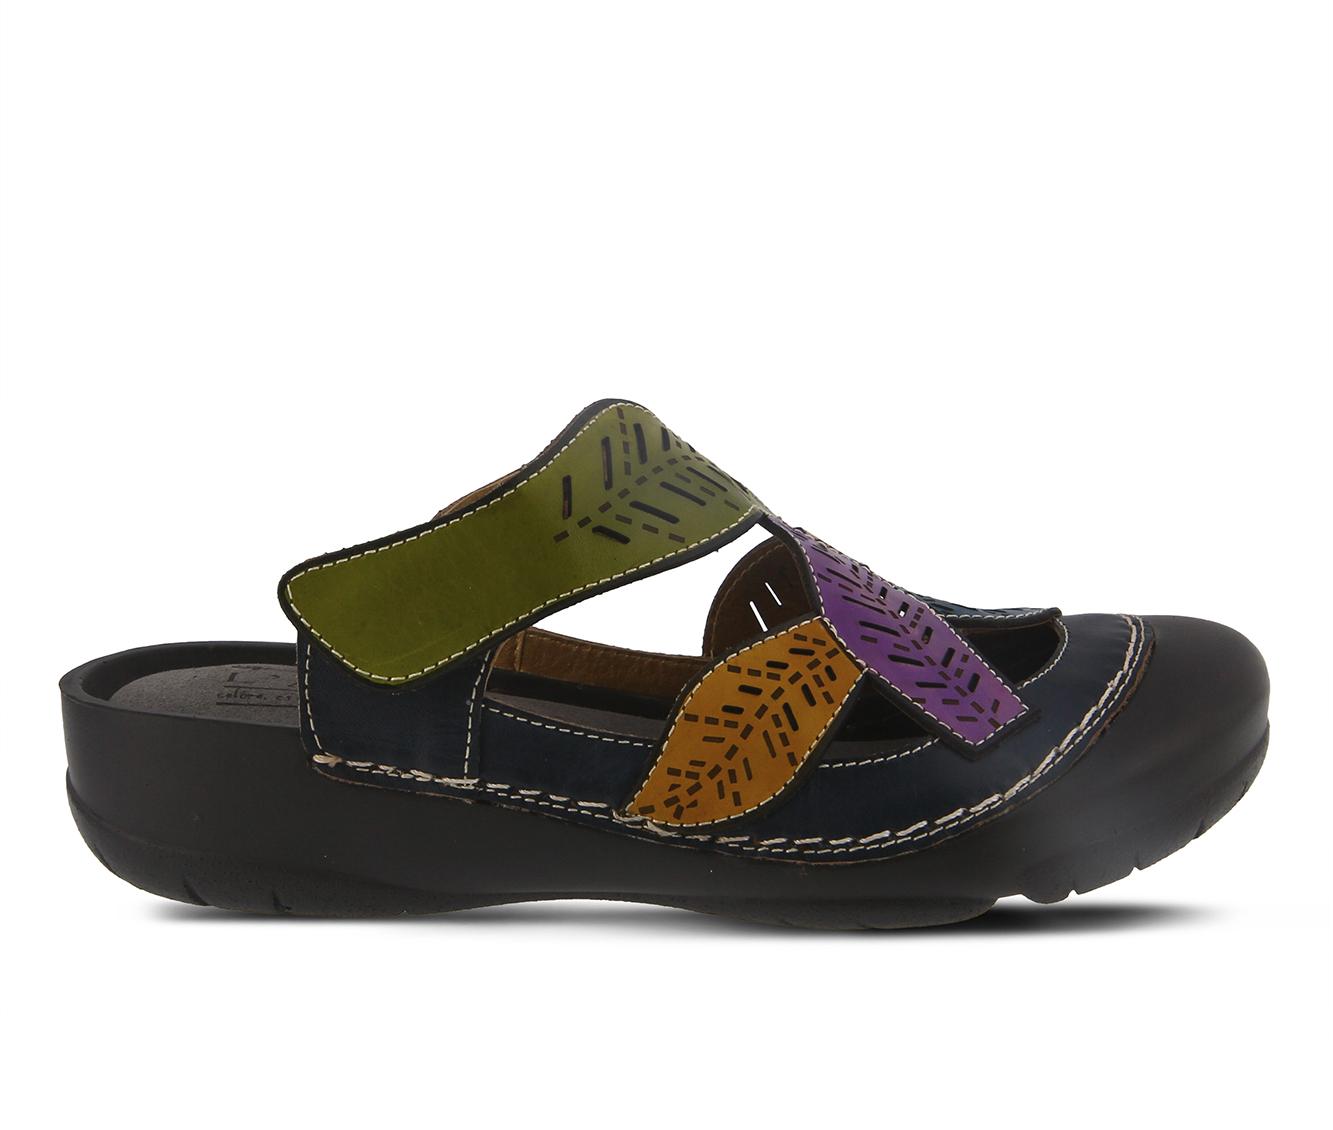 L'Artiste Jexa Women's Shoe (Blue Leather)